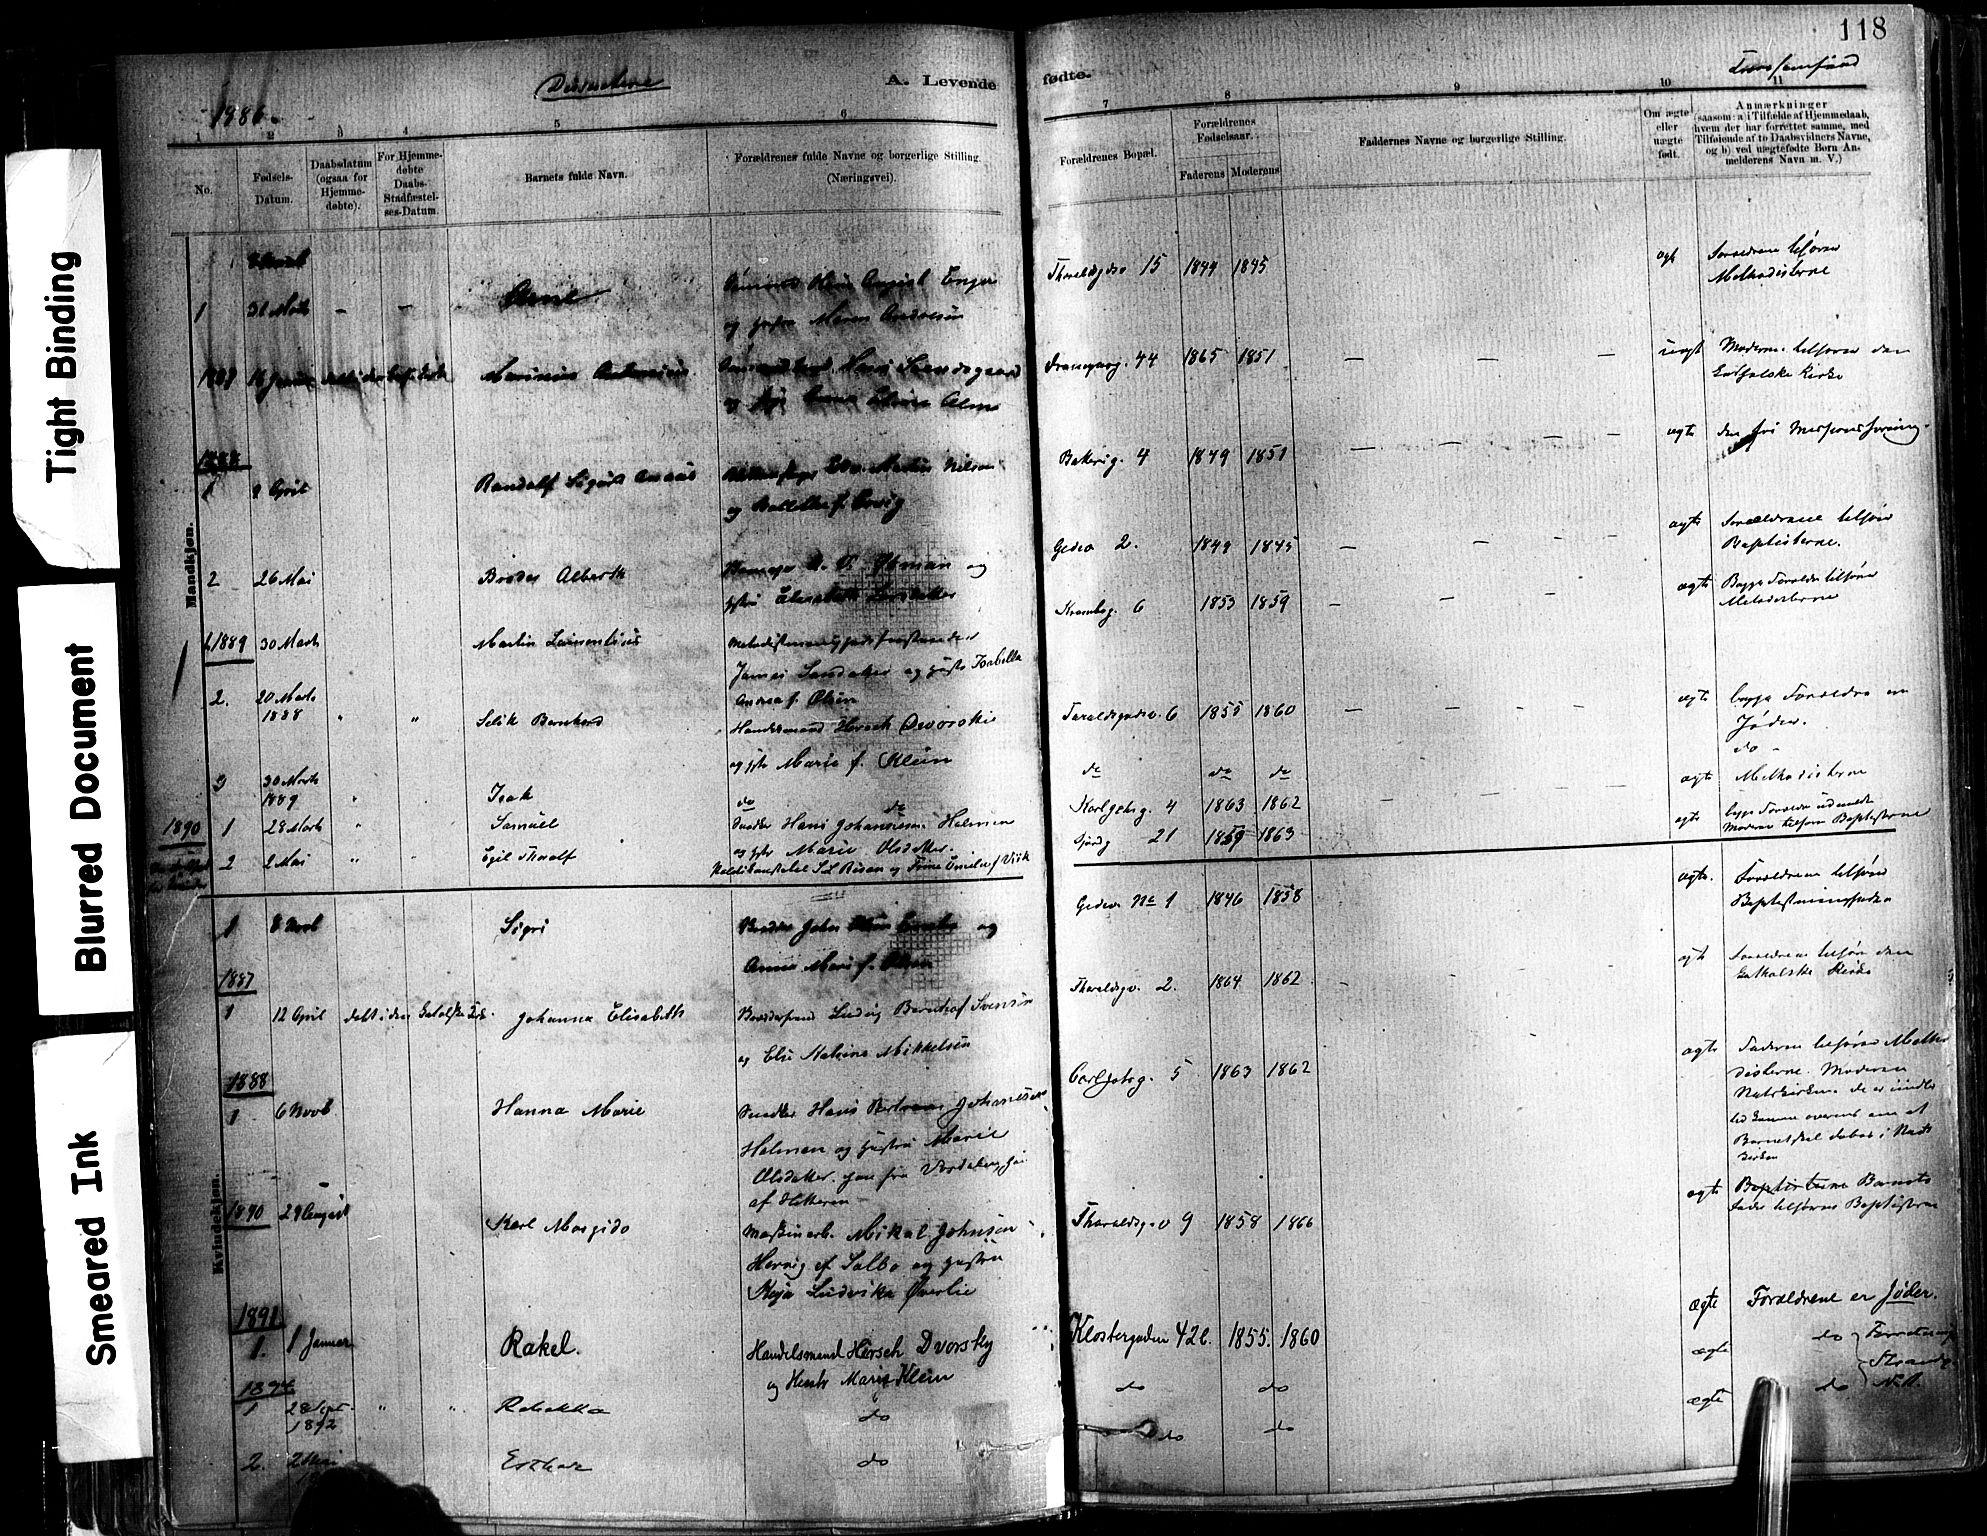 SAT, Ministerialprotokoller, klokkerbøker og fødselsregistre - Sør-Trøndelag, 602/L0119: Ministerialbok nr. 602A17, 1880-1901, s. 118